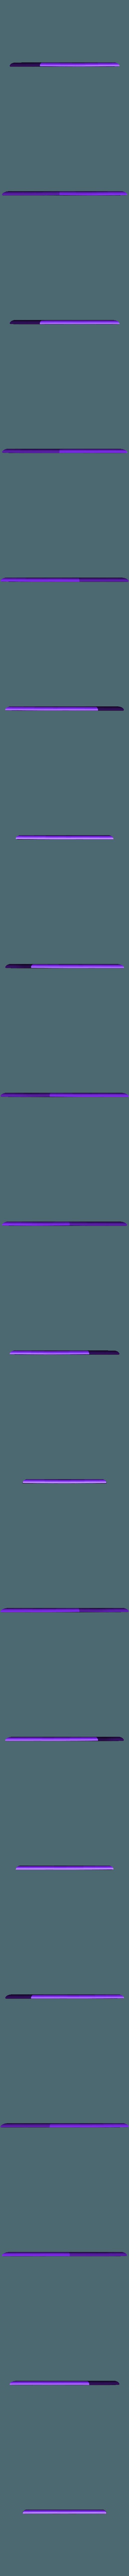 Tapa Caja.stl Télécharger fichier STL gratuit Lampe - Circulaire LED - Circulaire • Design pour impression 3D, JDF89